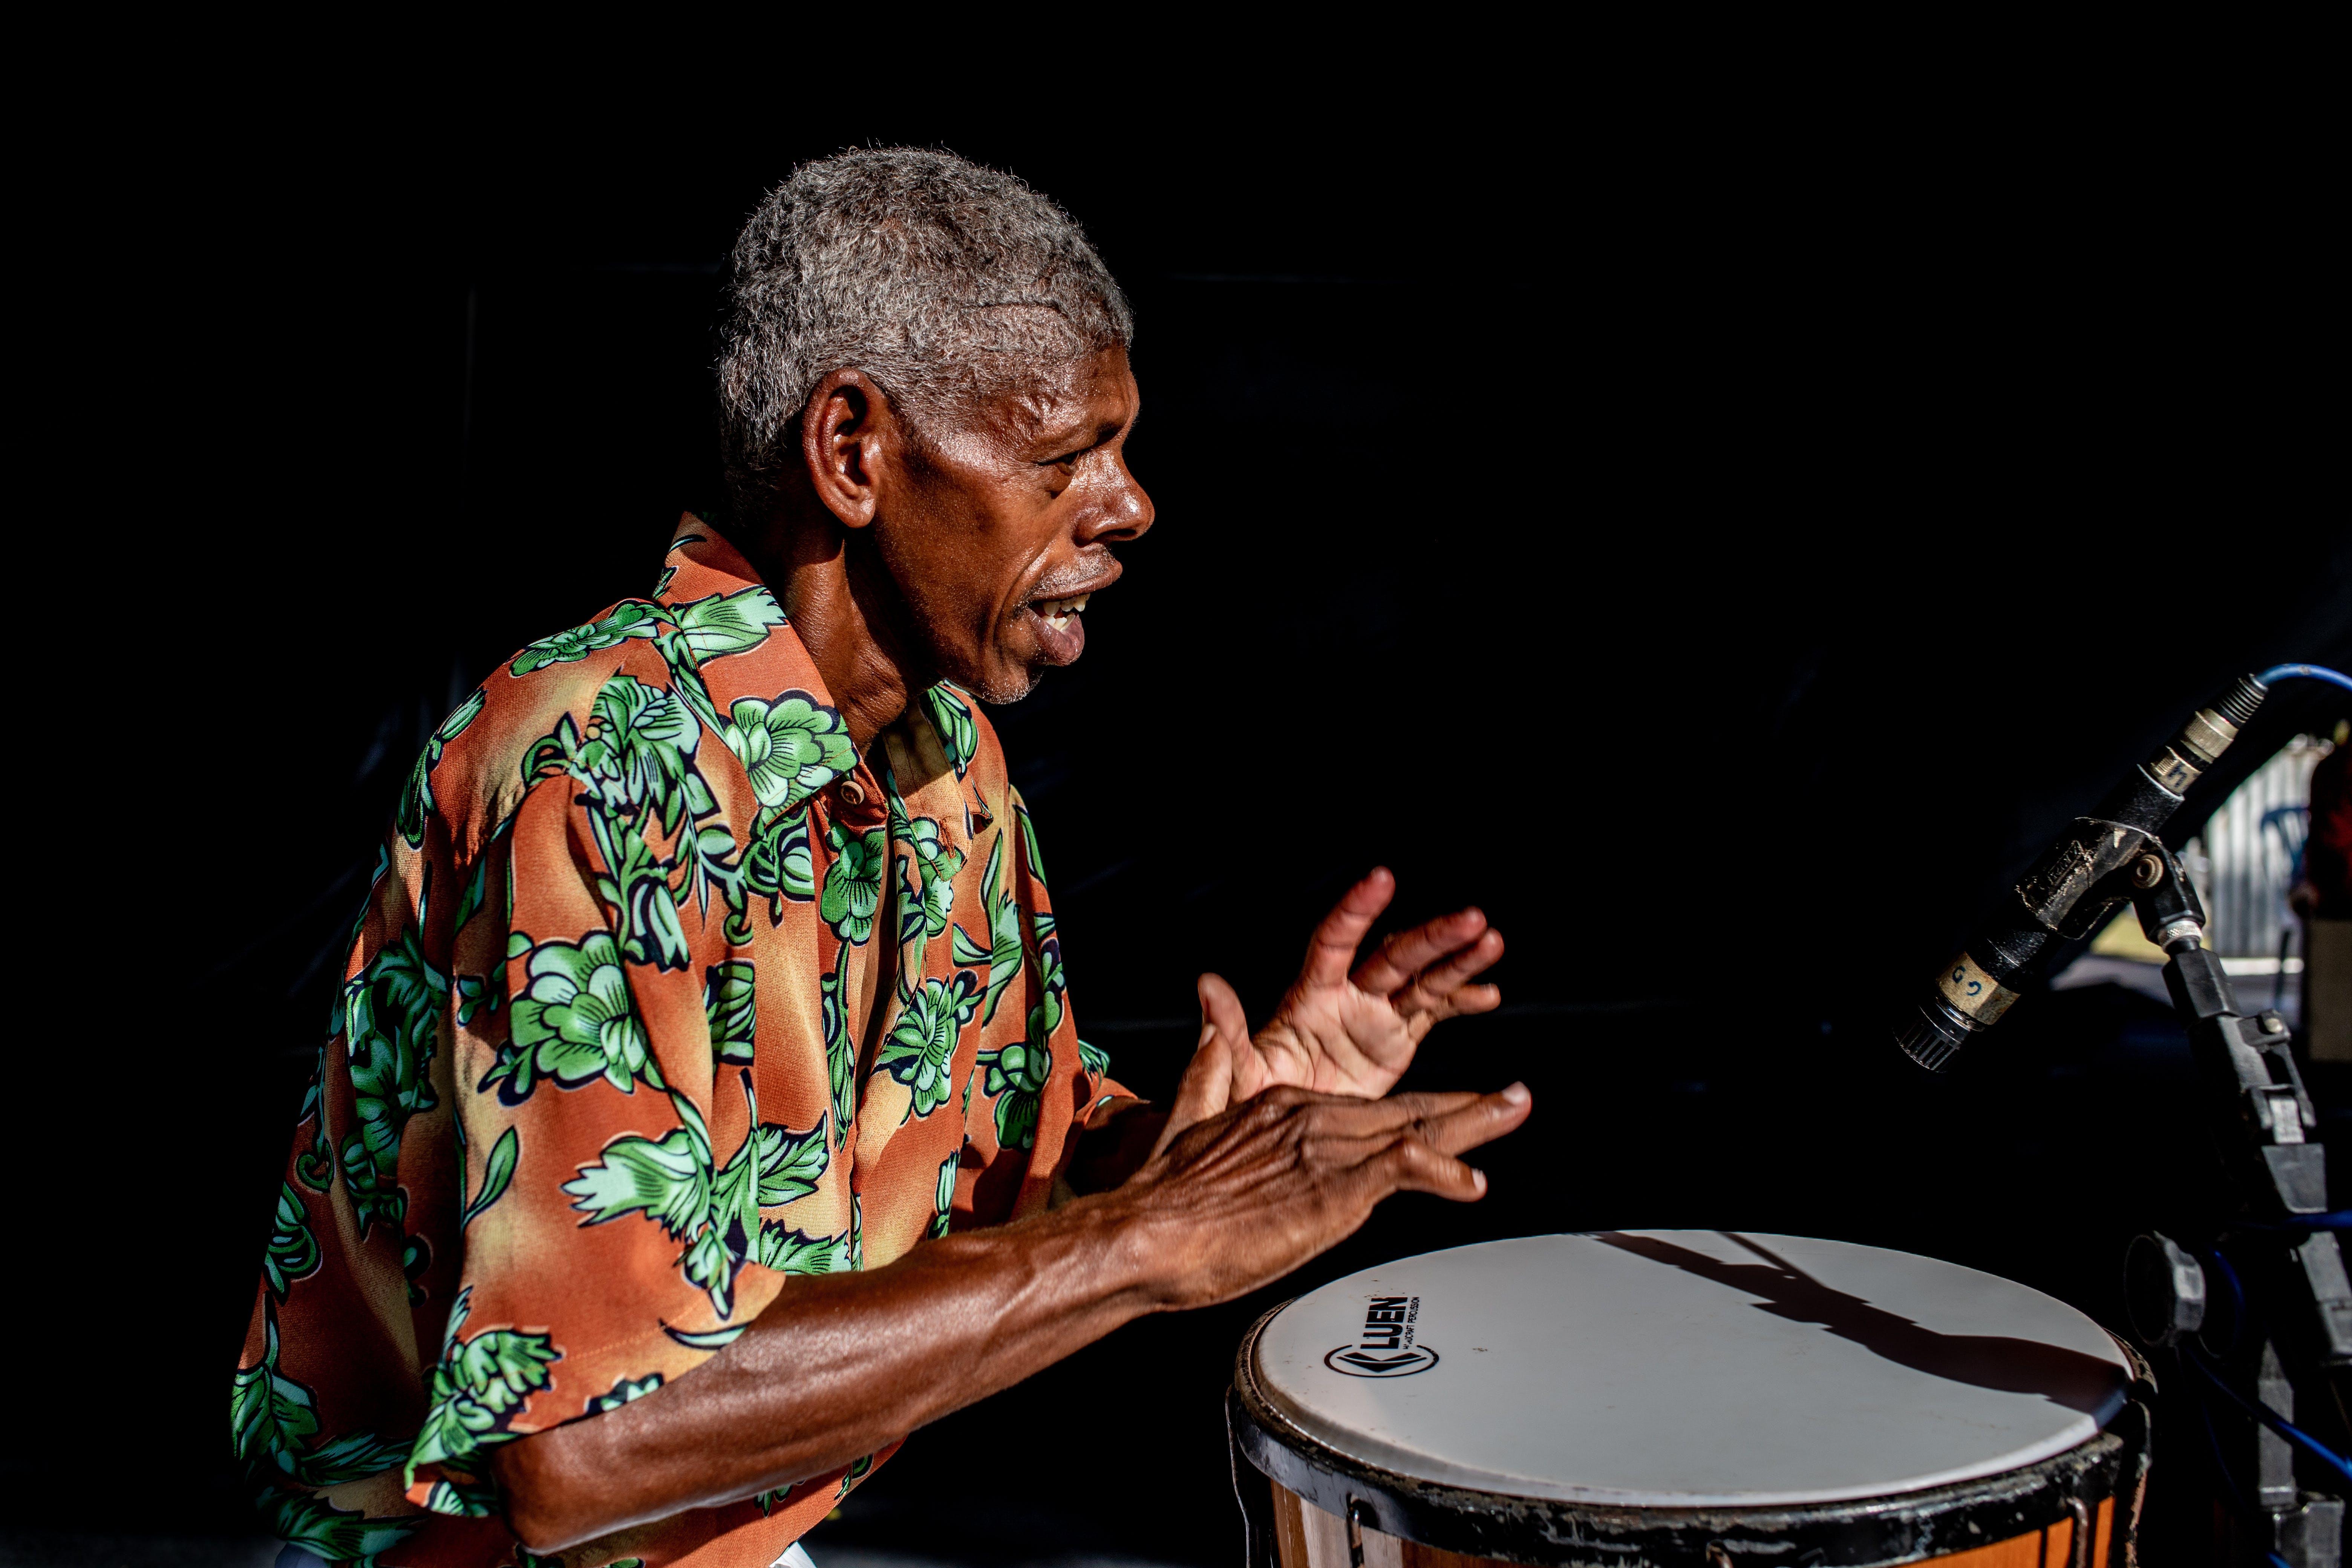 Gratis lagerfoto af mand, musiker, musikudstyr, optræden